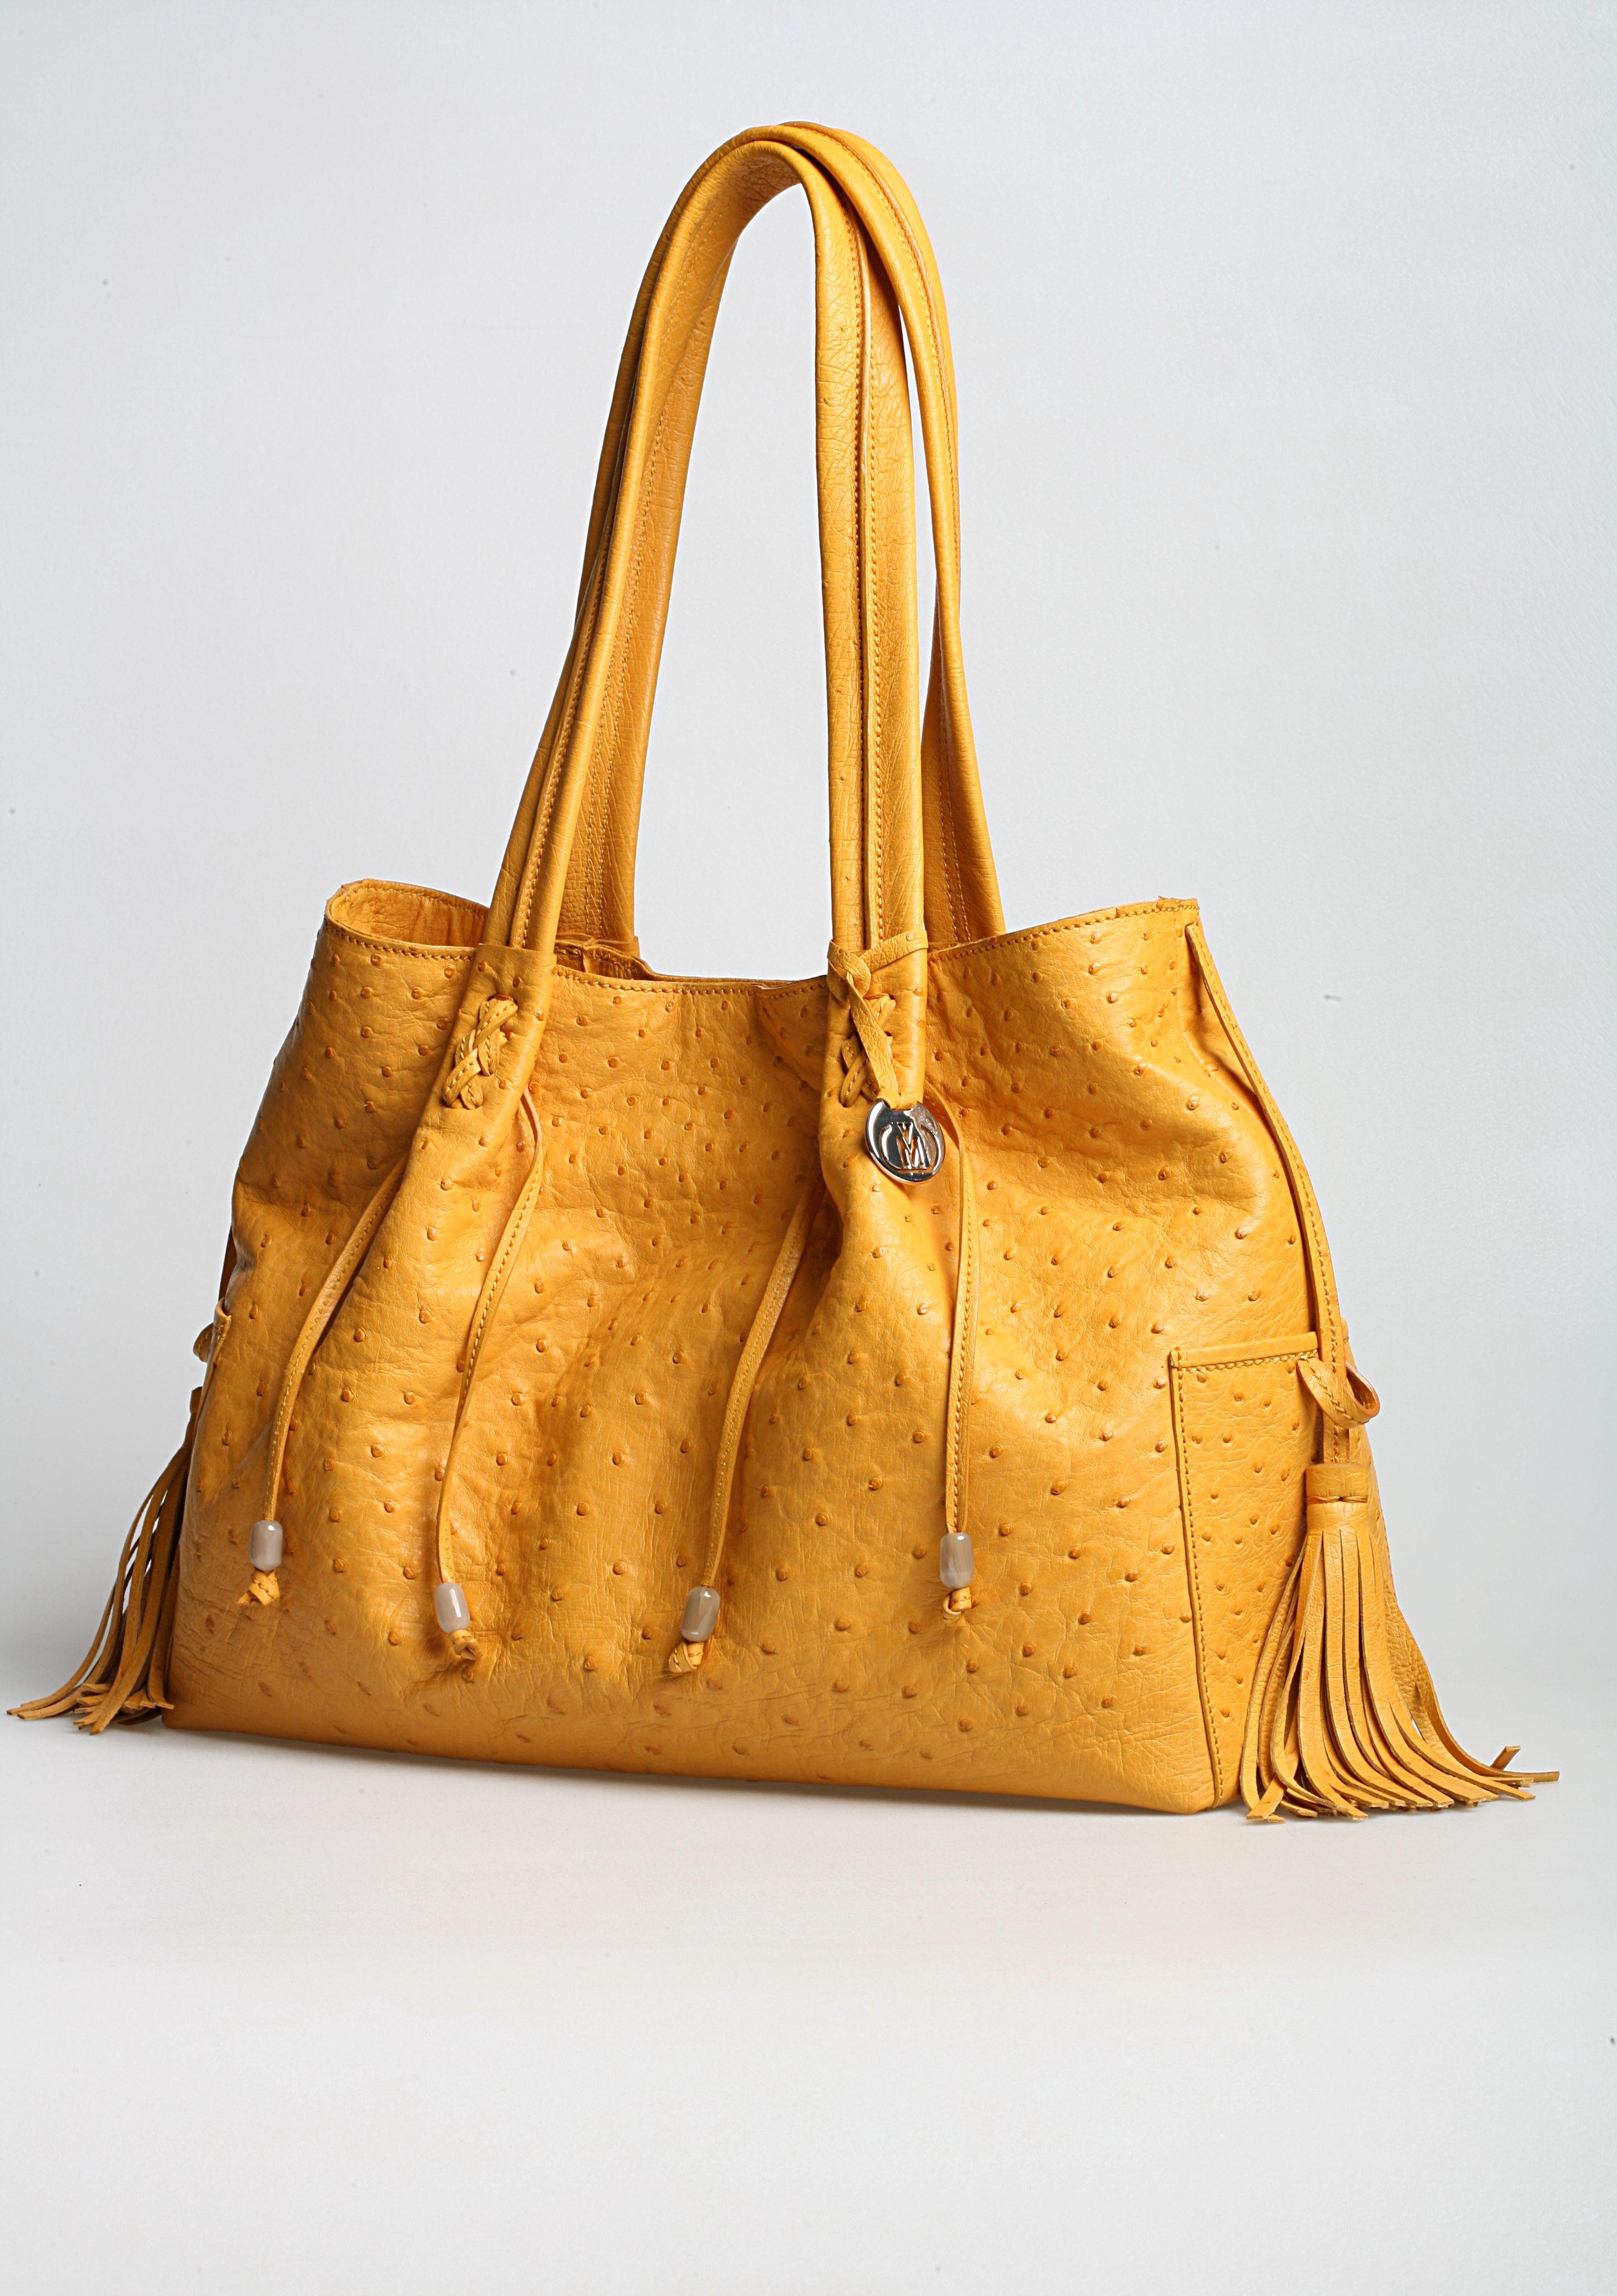 6bda7f145782 Beautiful Ntombi Ostrich leather bag. Via La Moda | Via La Moda ...